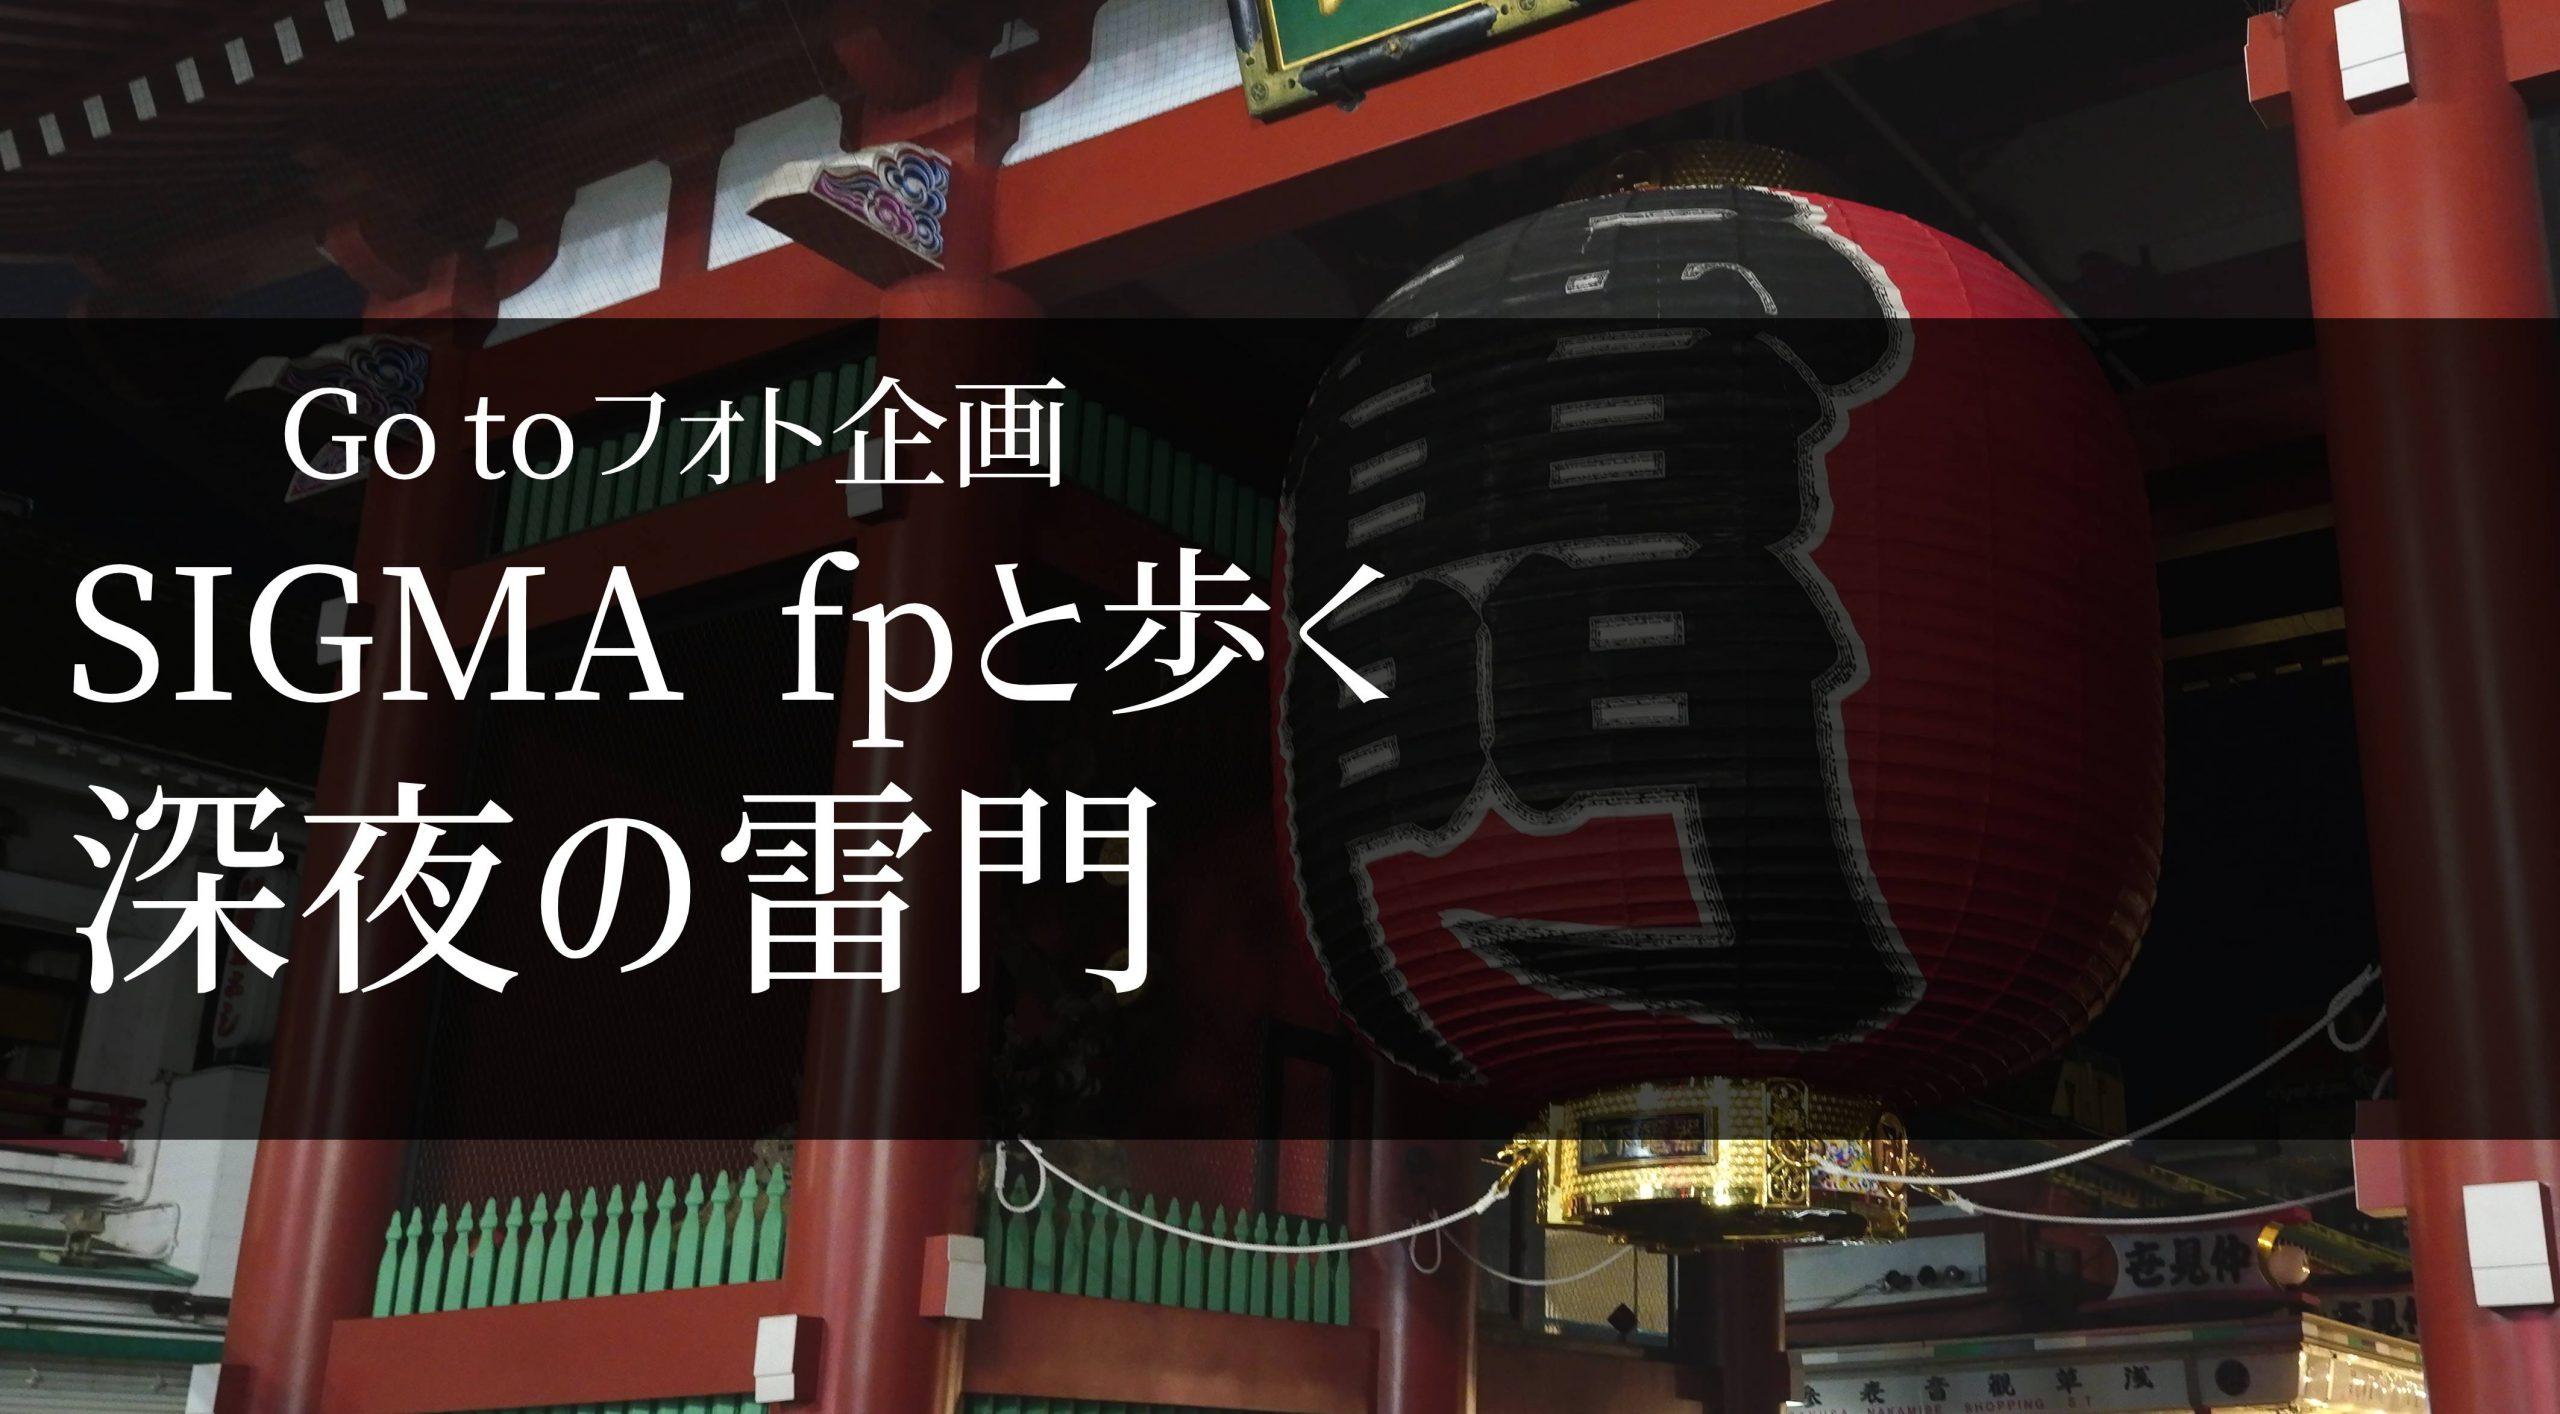 【Go To フォト】SIGMA fpと歩く深夜の雷門